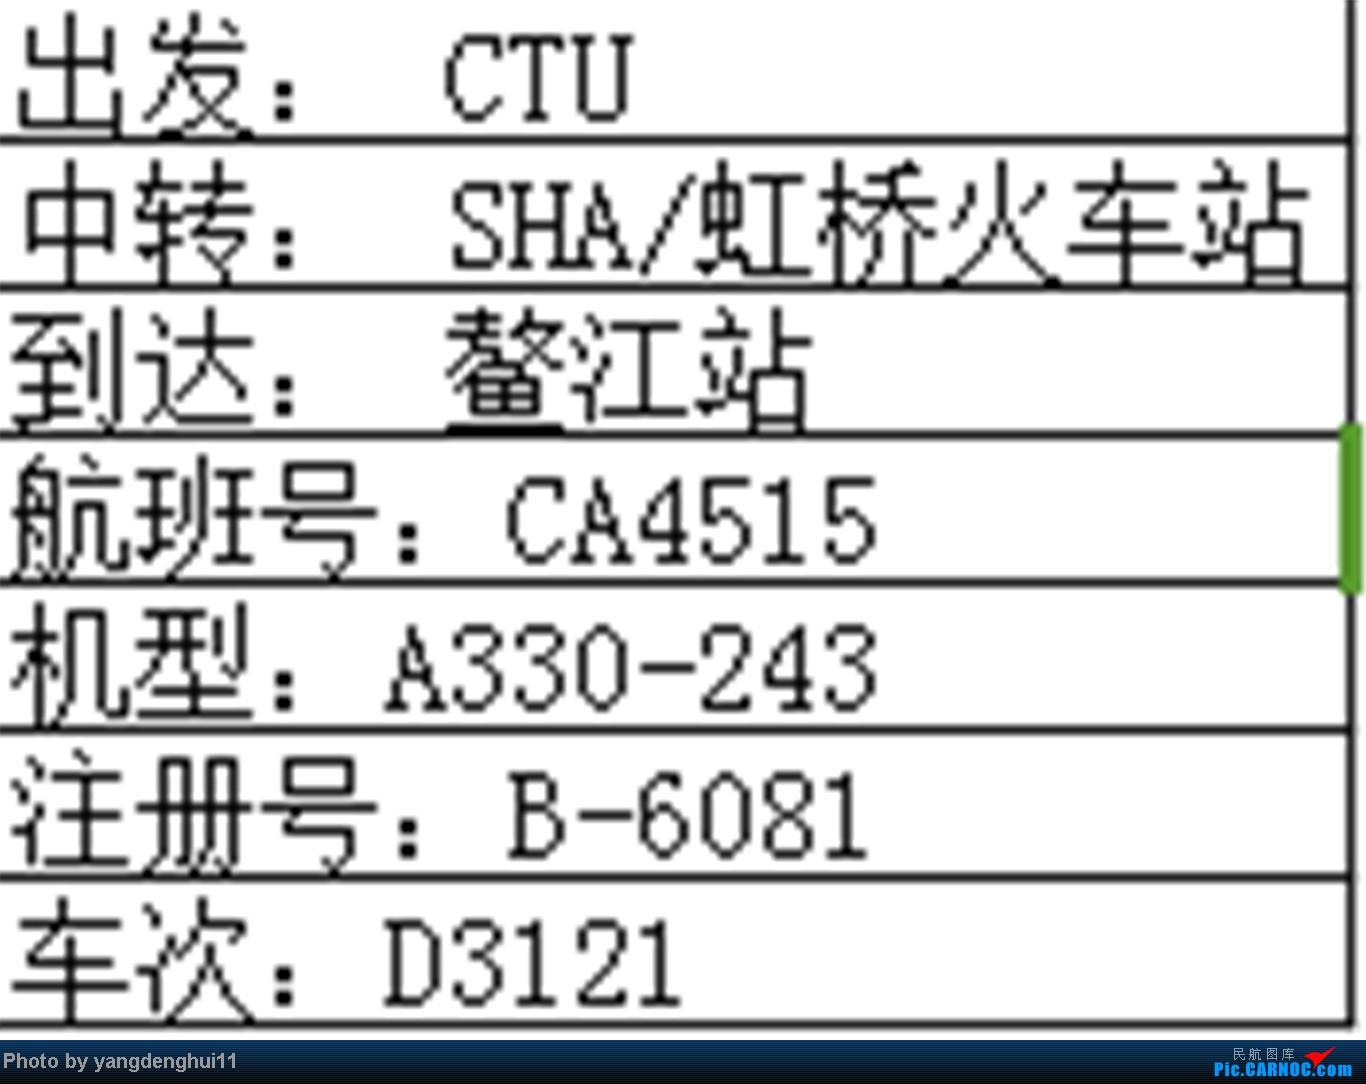 [原创]春运帖 成都--上海虹桥--虹桥站--鳌江站 遇蓝凤凰,梦想之翼